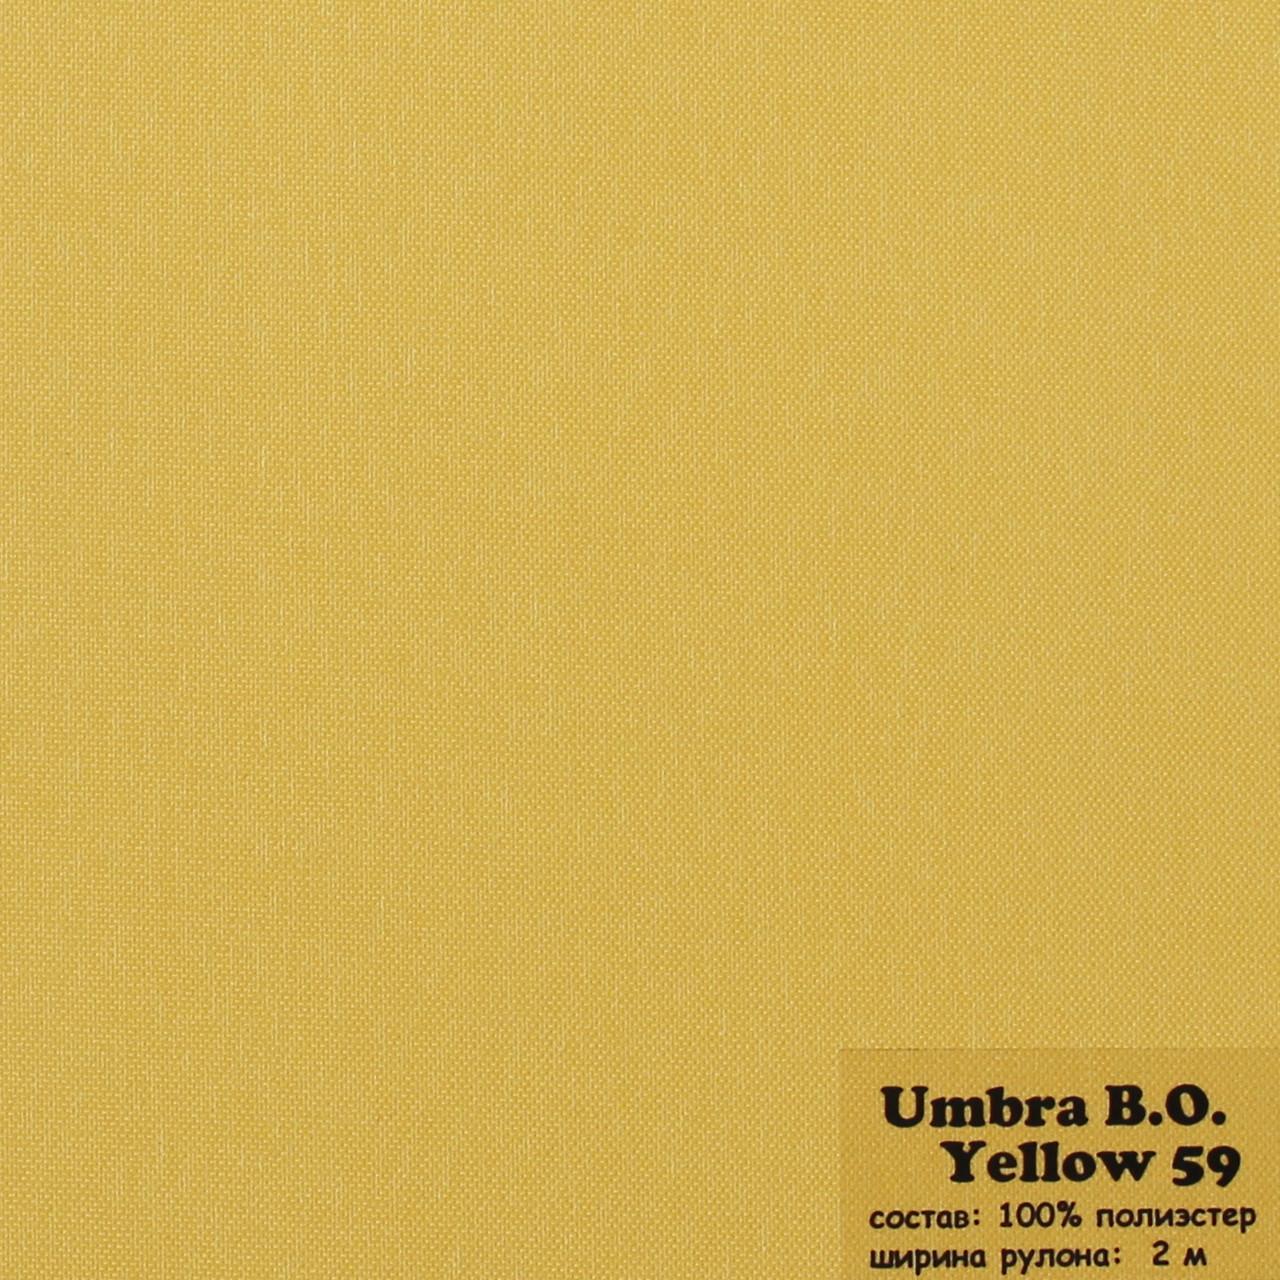 Рулонные шторы Ткань Umbra Блэк-аут Жёлтый